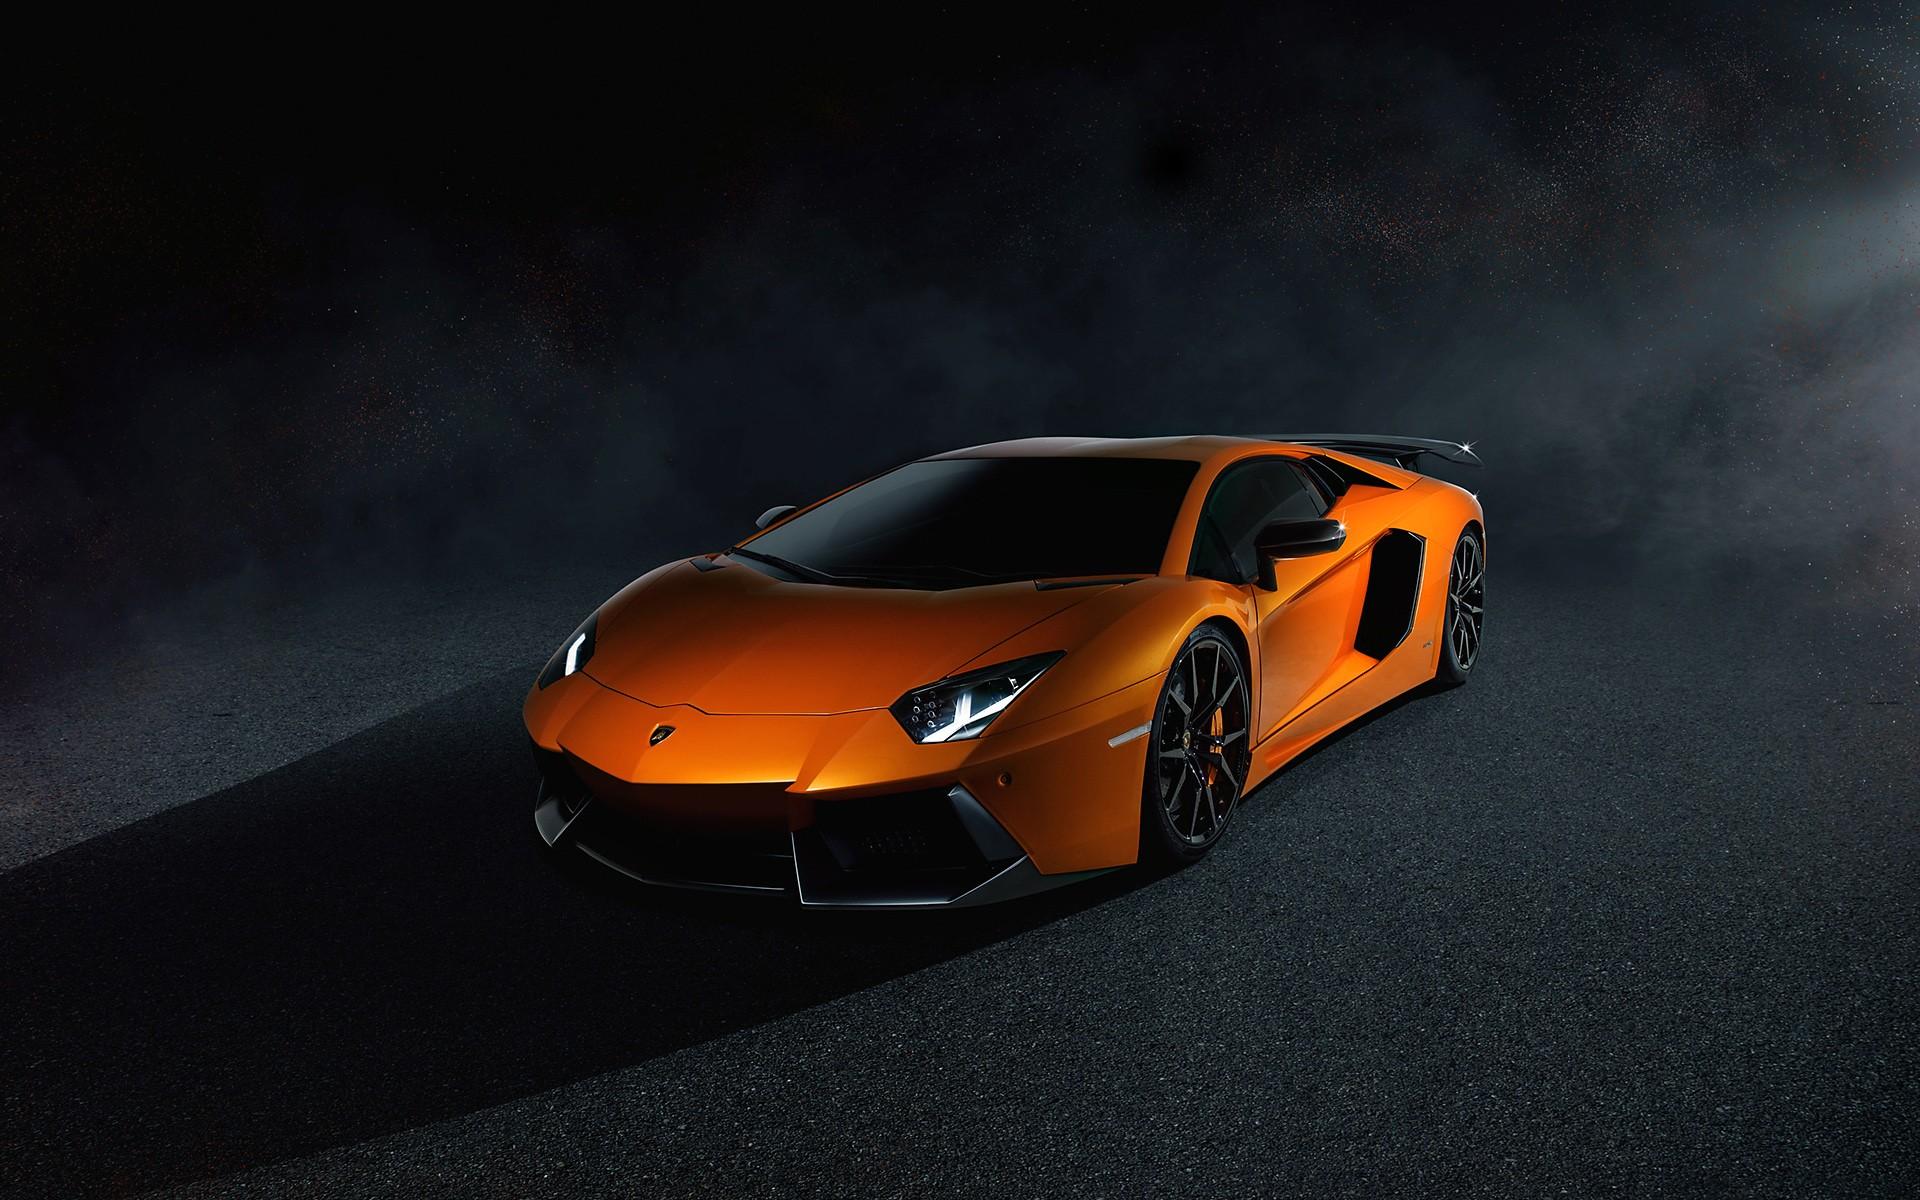 Картинки Оранжевый, Lamborghini, Aventador, LP700 фото и обои на рабочий стол